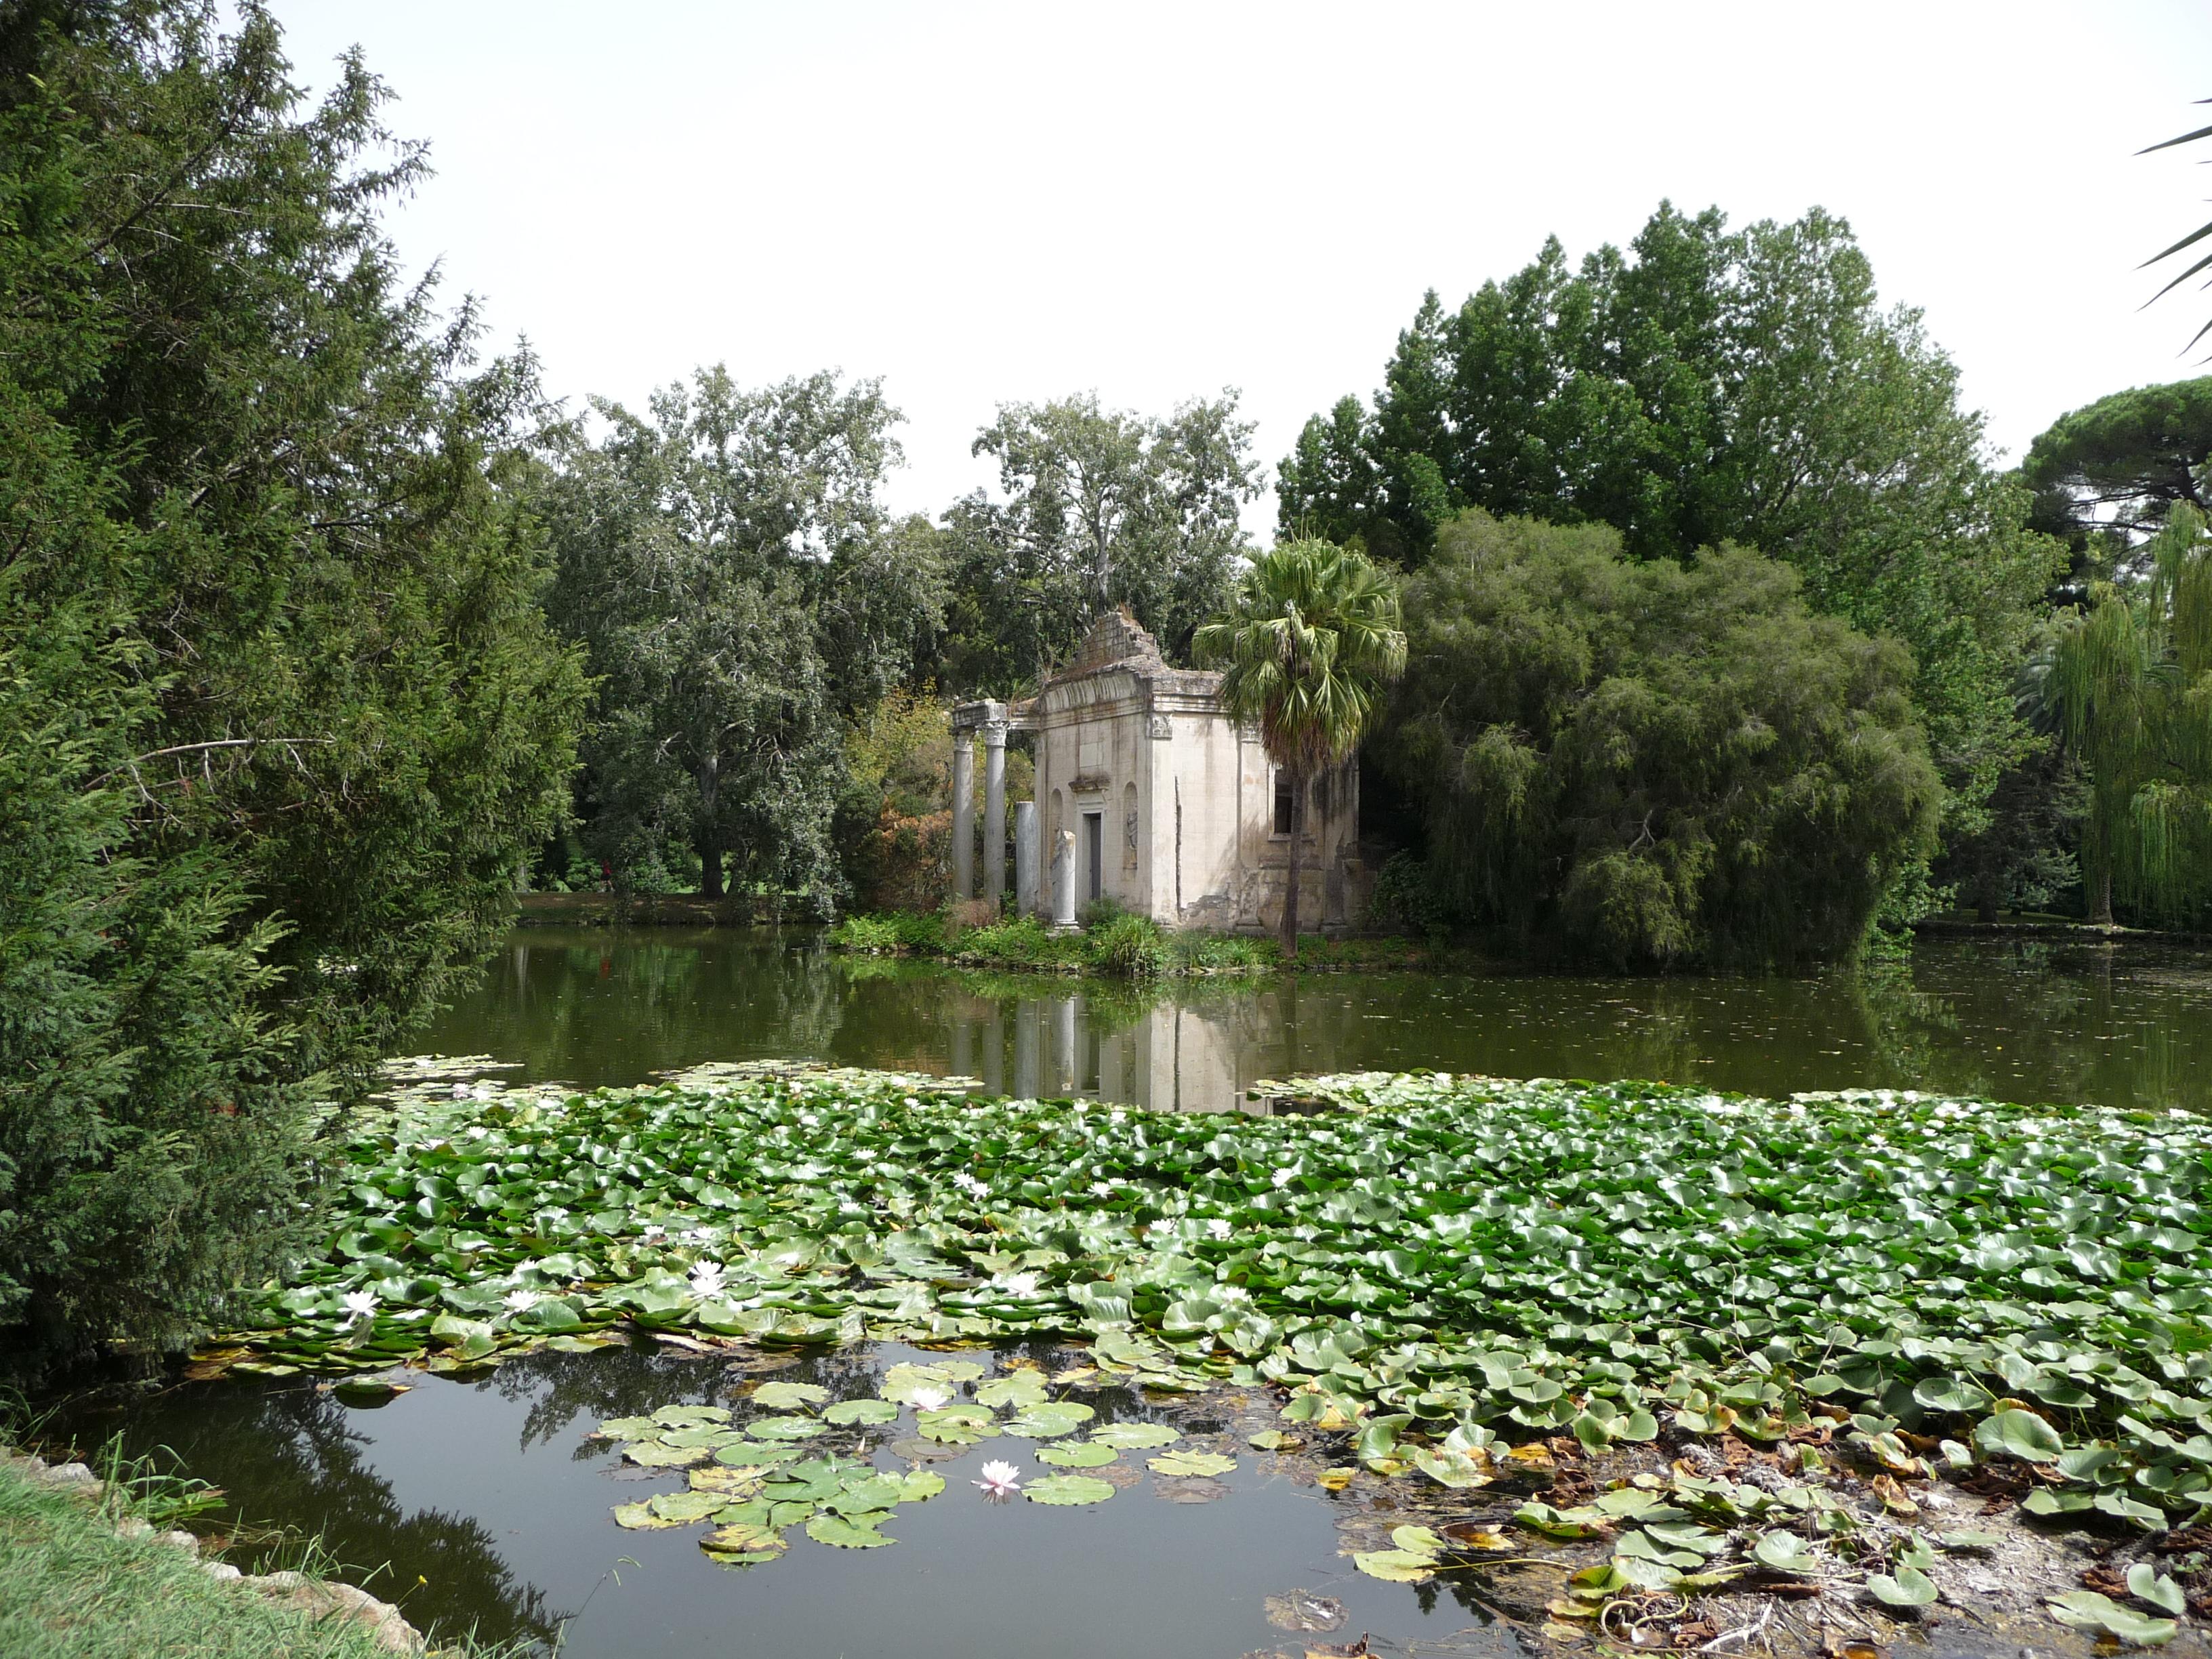 file giardino inglese reggia caserta false rovine laghetto